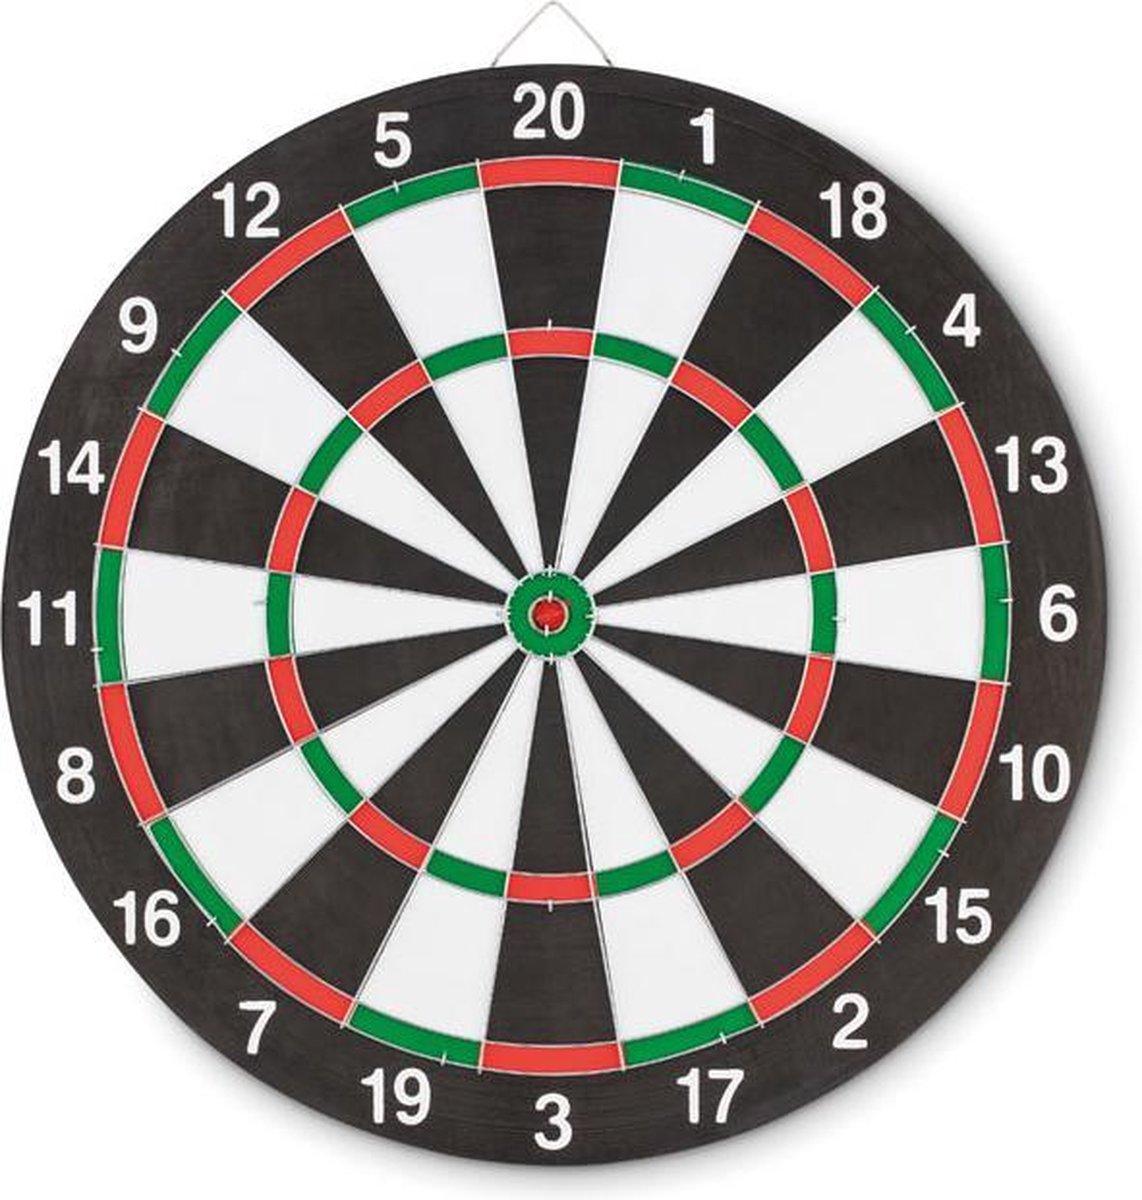 Dubbelzijdig dartbord incl. 3 dartpijlen - Dartborden volwassenen incl. dartpijltjes - Dartborden kinderen - Dartborden - Dartboard sets - Dartboards - Dartkabinetten - Dartspullen - Spelkamer - Spellen -